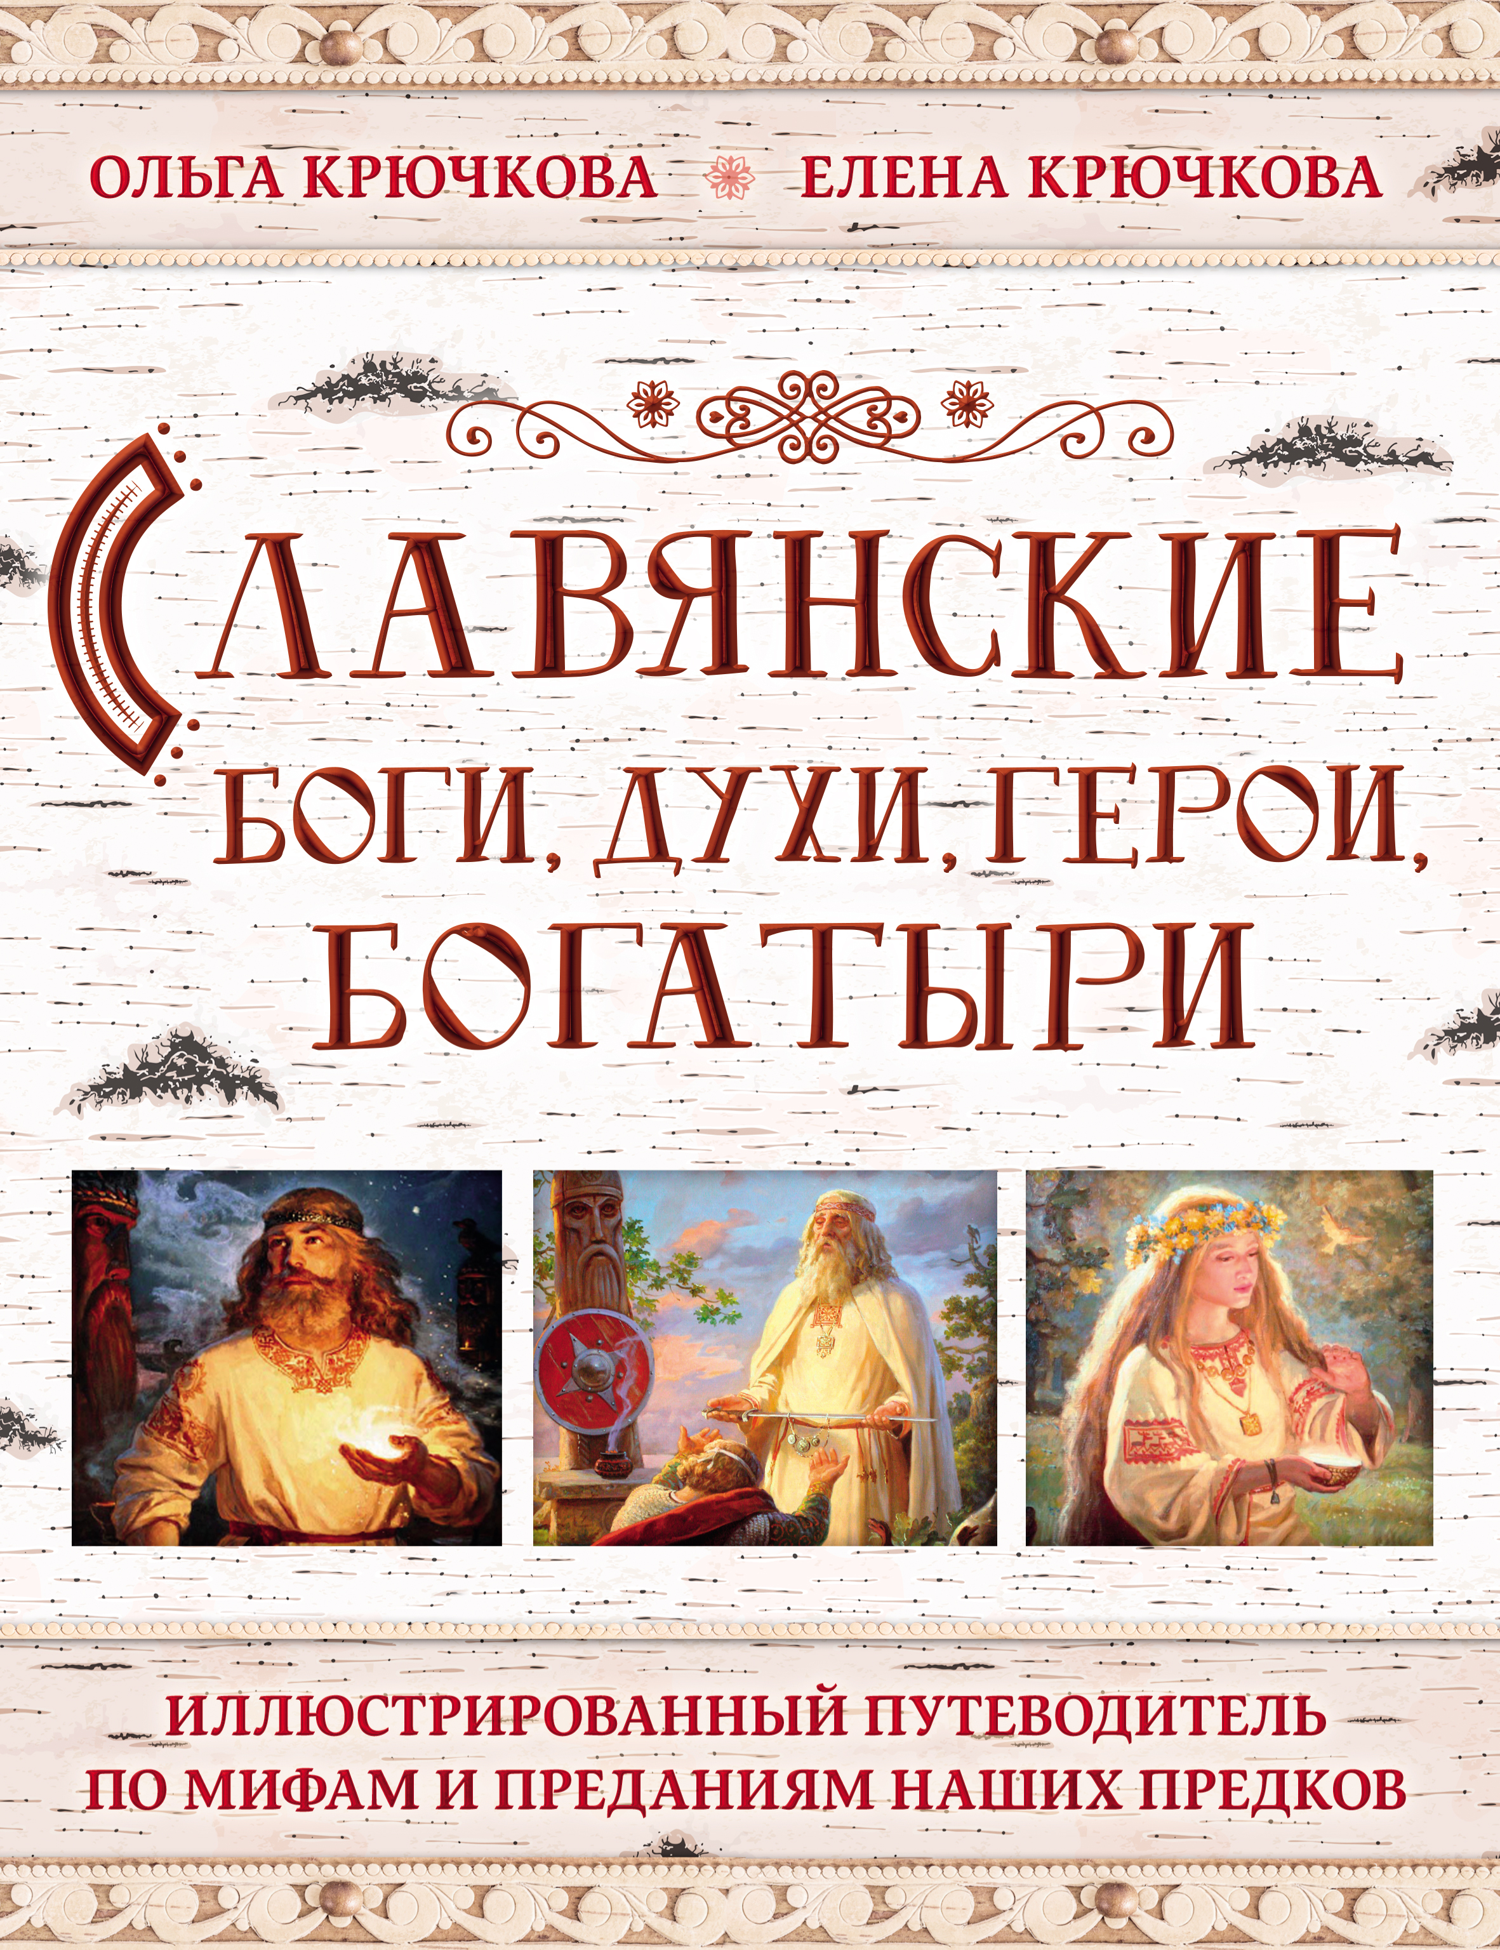 slavyanskie bogi dukhi geroi bogatyri illyustrirovannyy putevoditel po mifam i predaniyam nashikh predkov